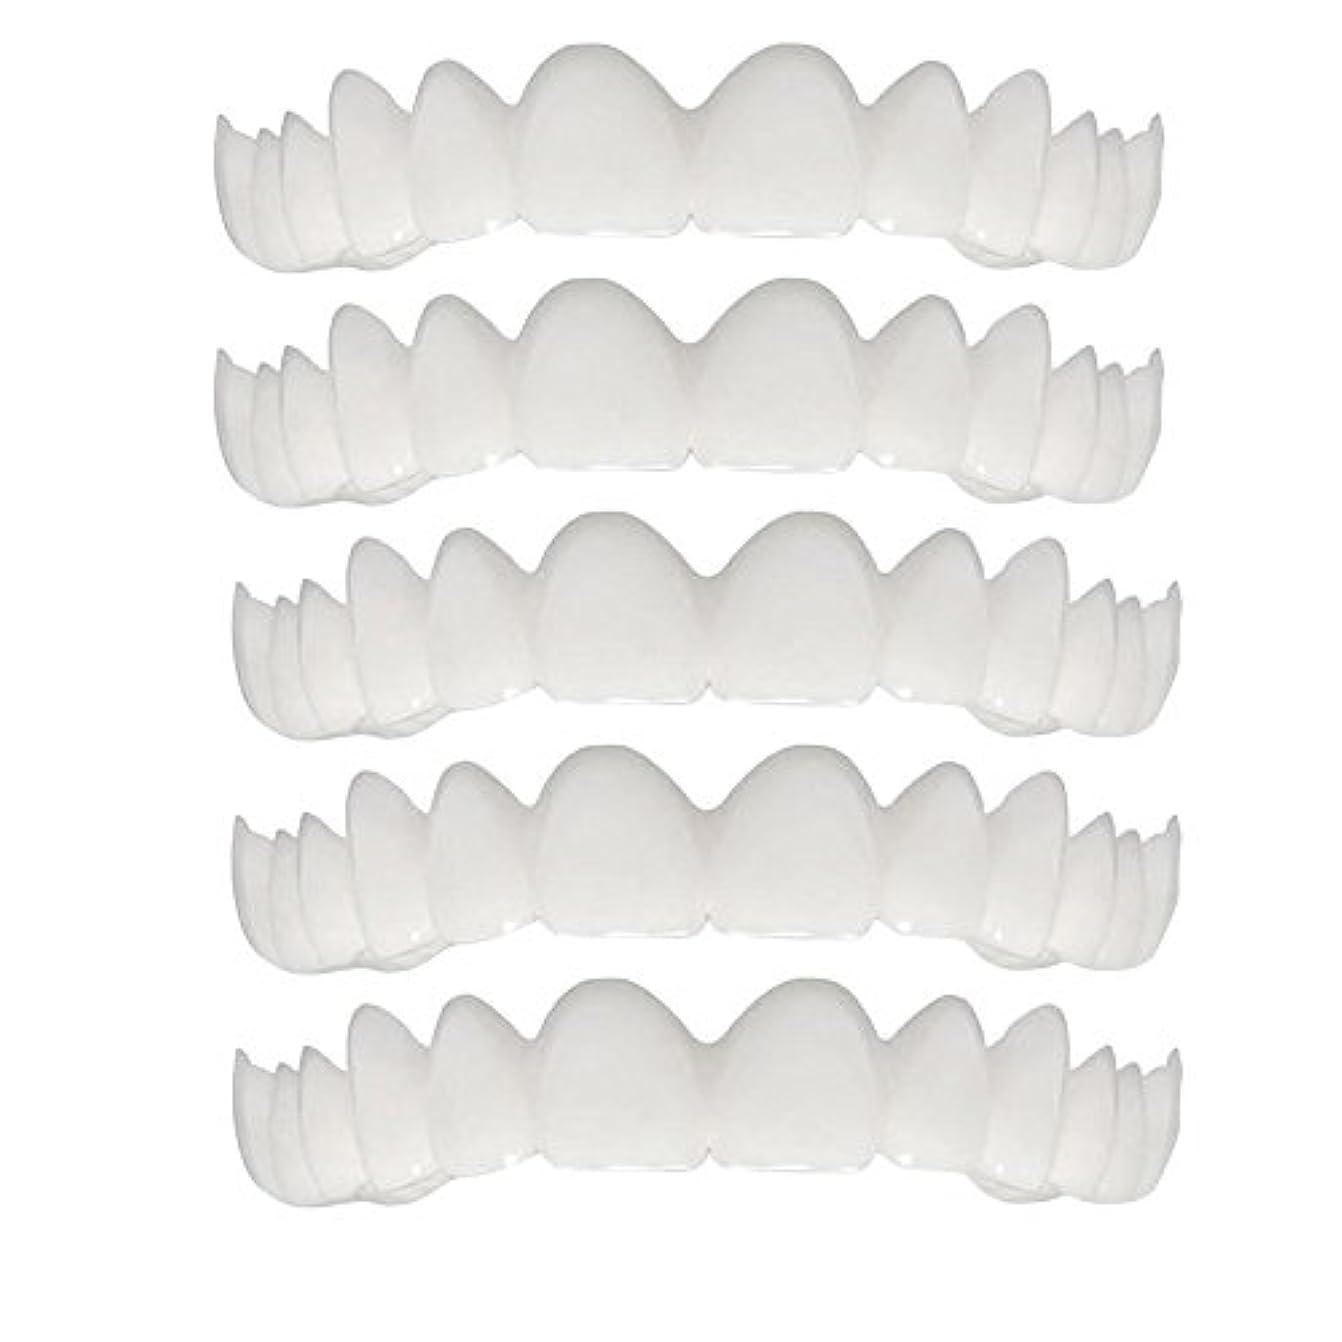 到着ボイドまぶしさシリコーンシミュレーション歯ホワイトニングブレース(5個),A